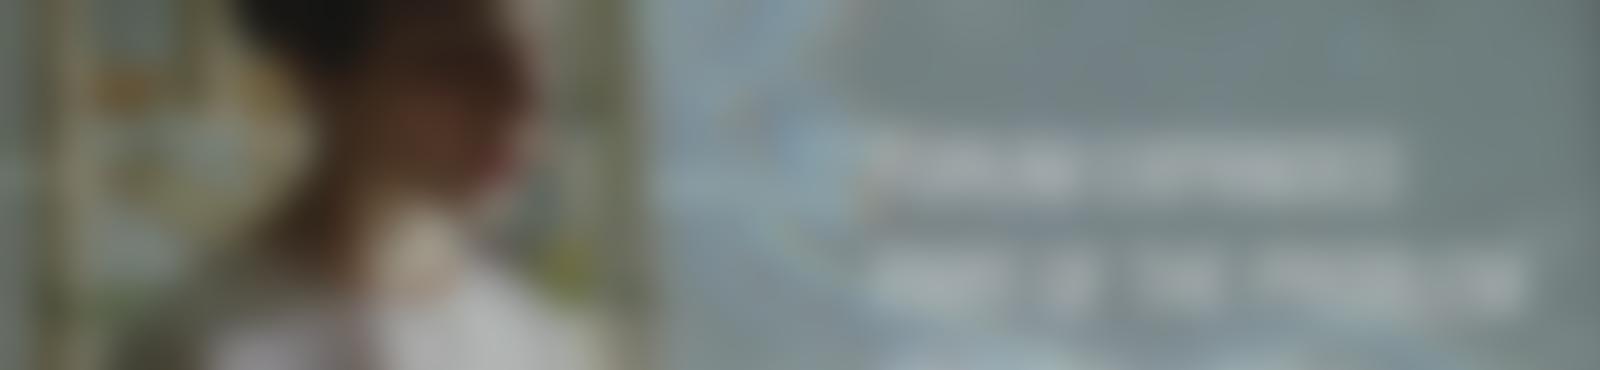 Blurred d97a461c 26ea 429c a992 e2119840e418